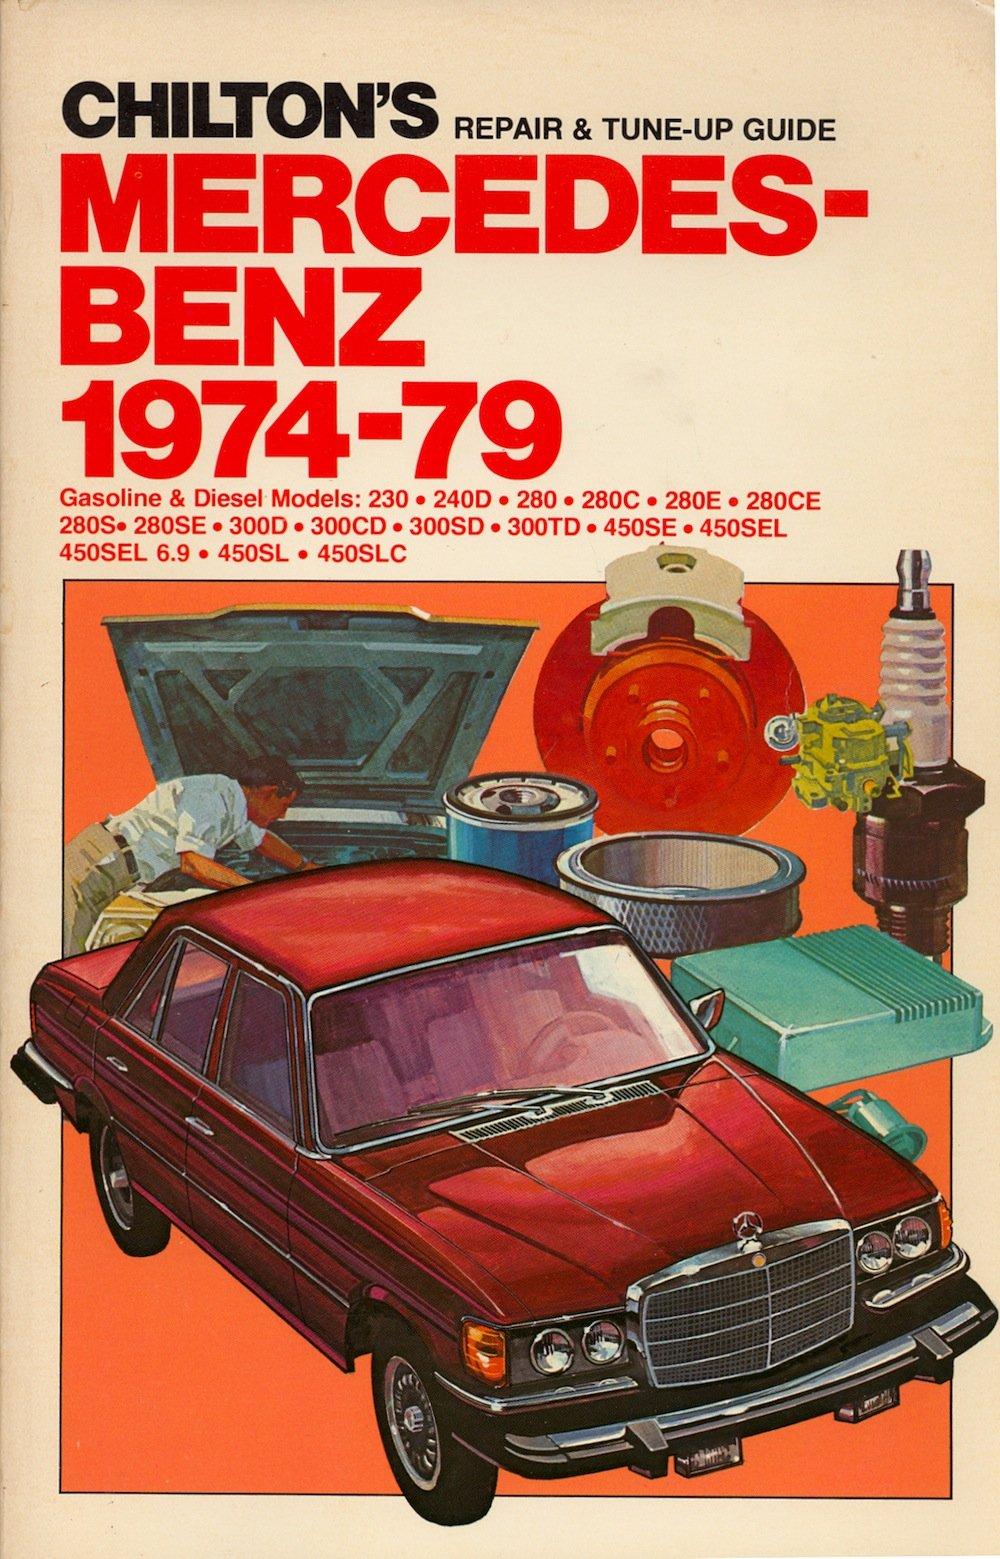 Chilton's repair & tune-up guide, Mercedes-Benz, 1974-79: Gasoline & diesel  models, 230, 240D, 280, 280C, 280E, 280CE, 280S, 280SE, 300D, 300CD, 300SD,  ...